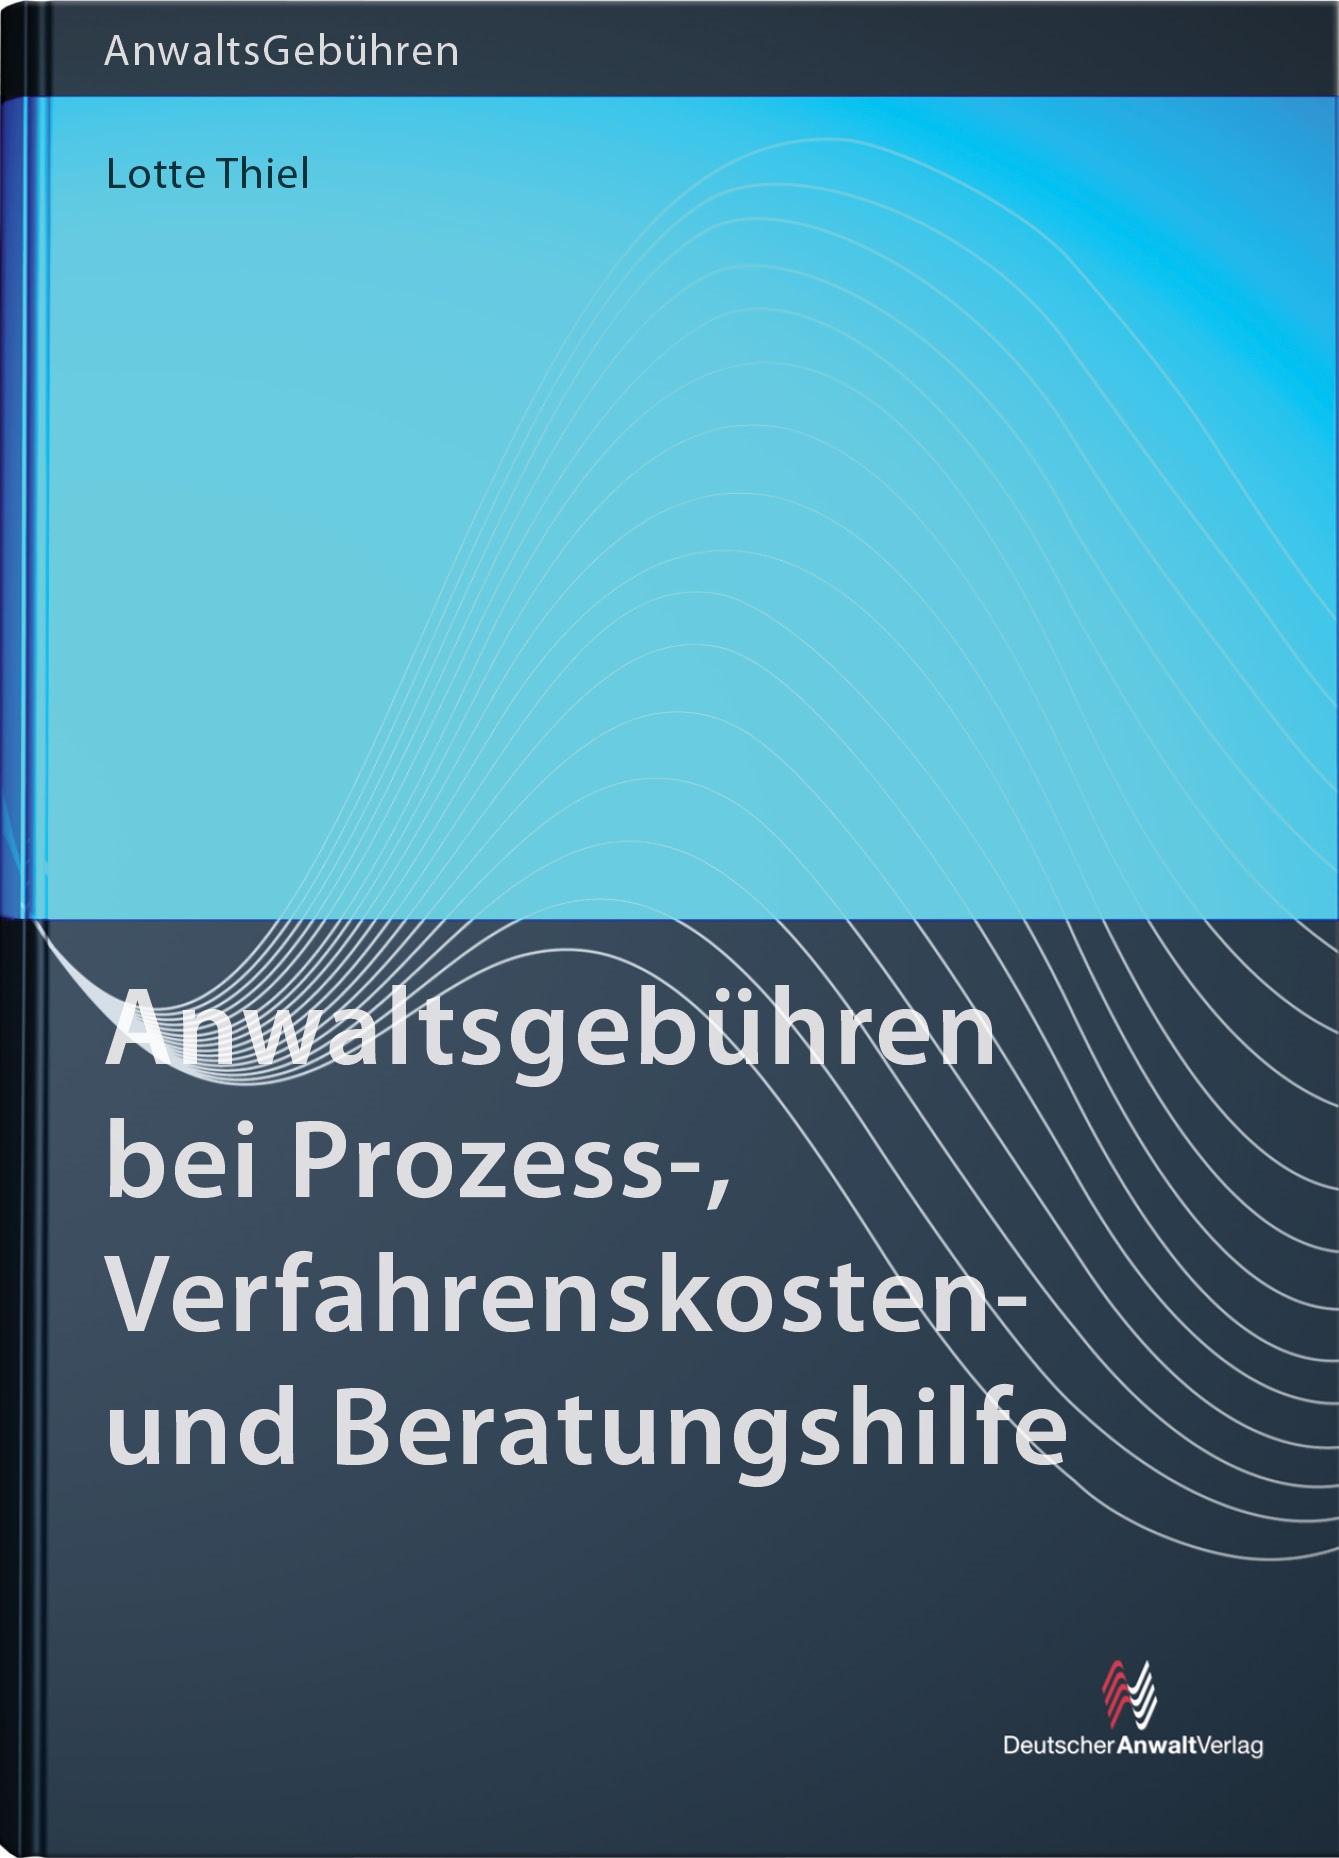 Anwaltsgebühren bei Prozess-, Verfahrenskosten- und Beratungshilfe | Thiel, 2018 | Buch (Cover)